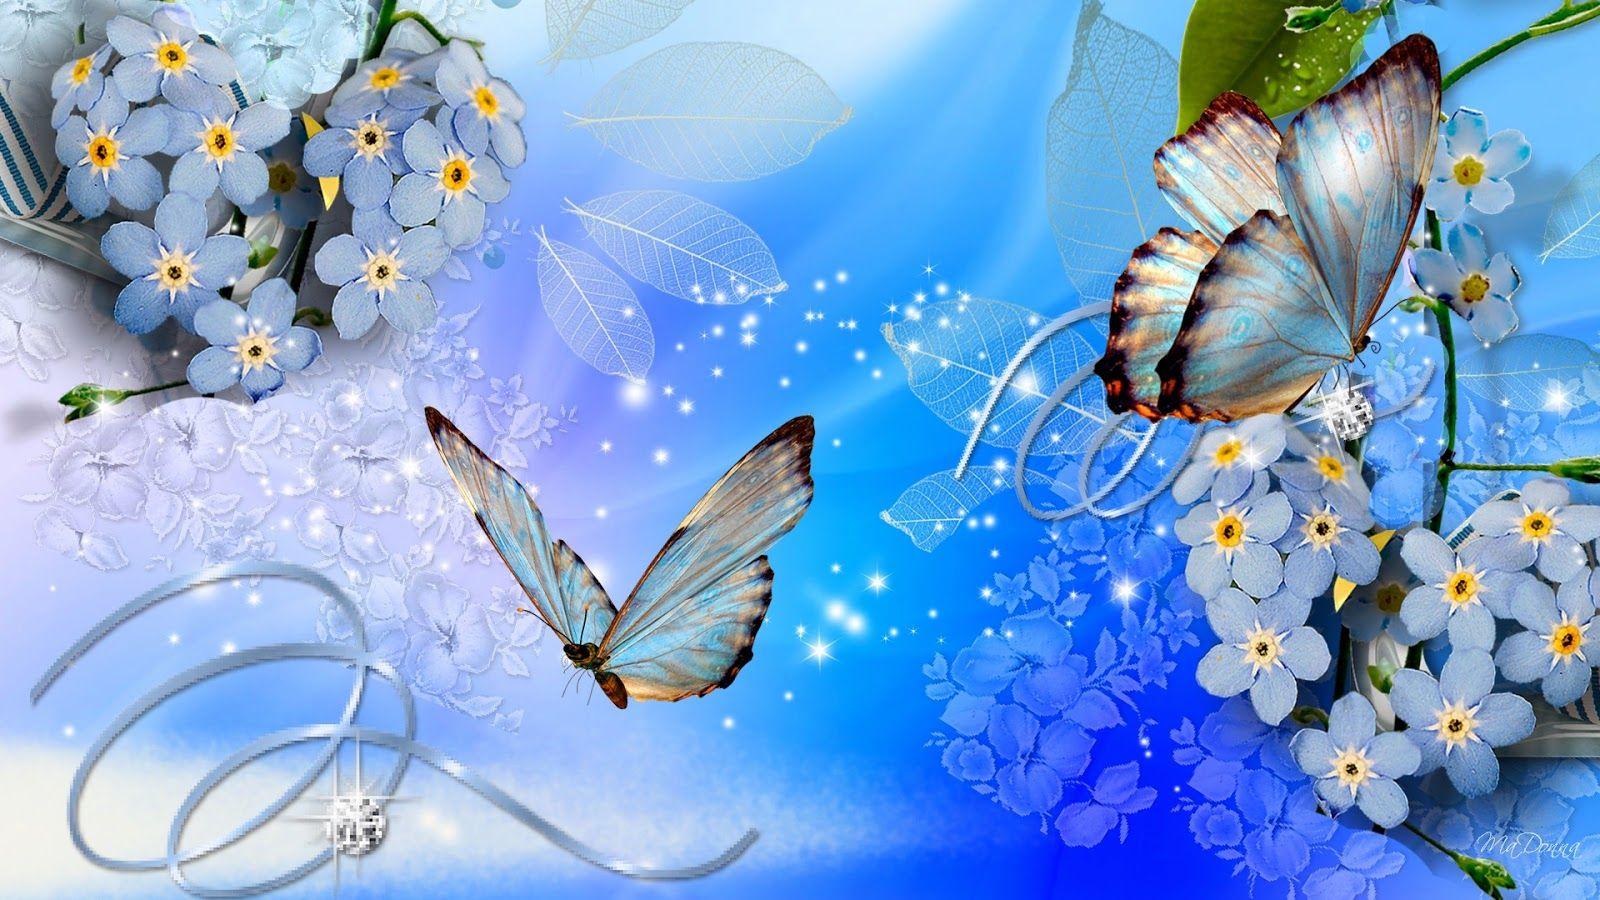 Download Wallpaper Download Beautiful Gallery 1600 900 Beautiful